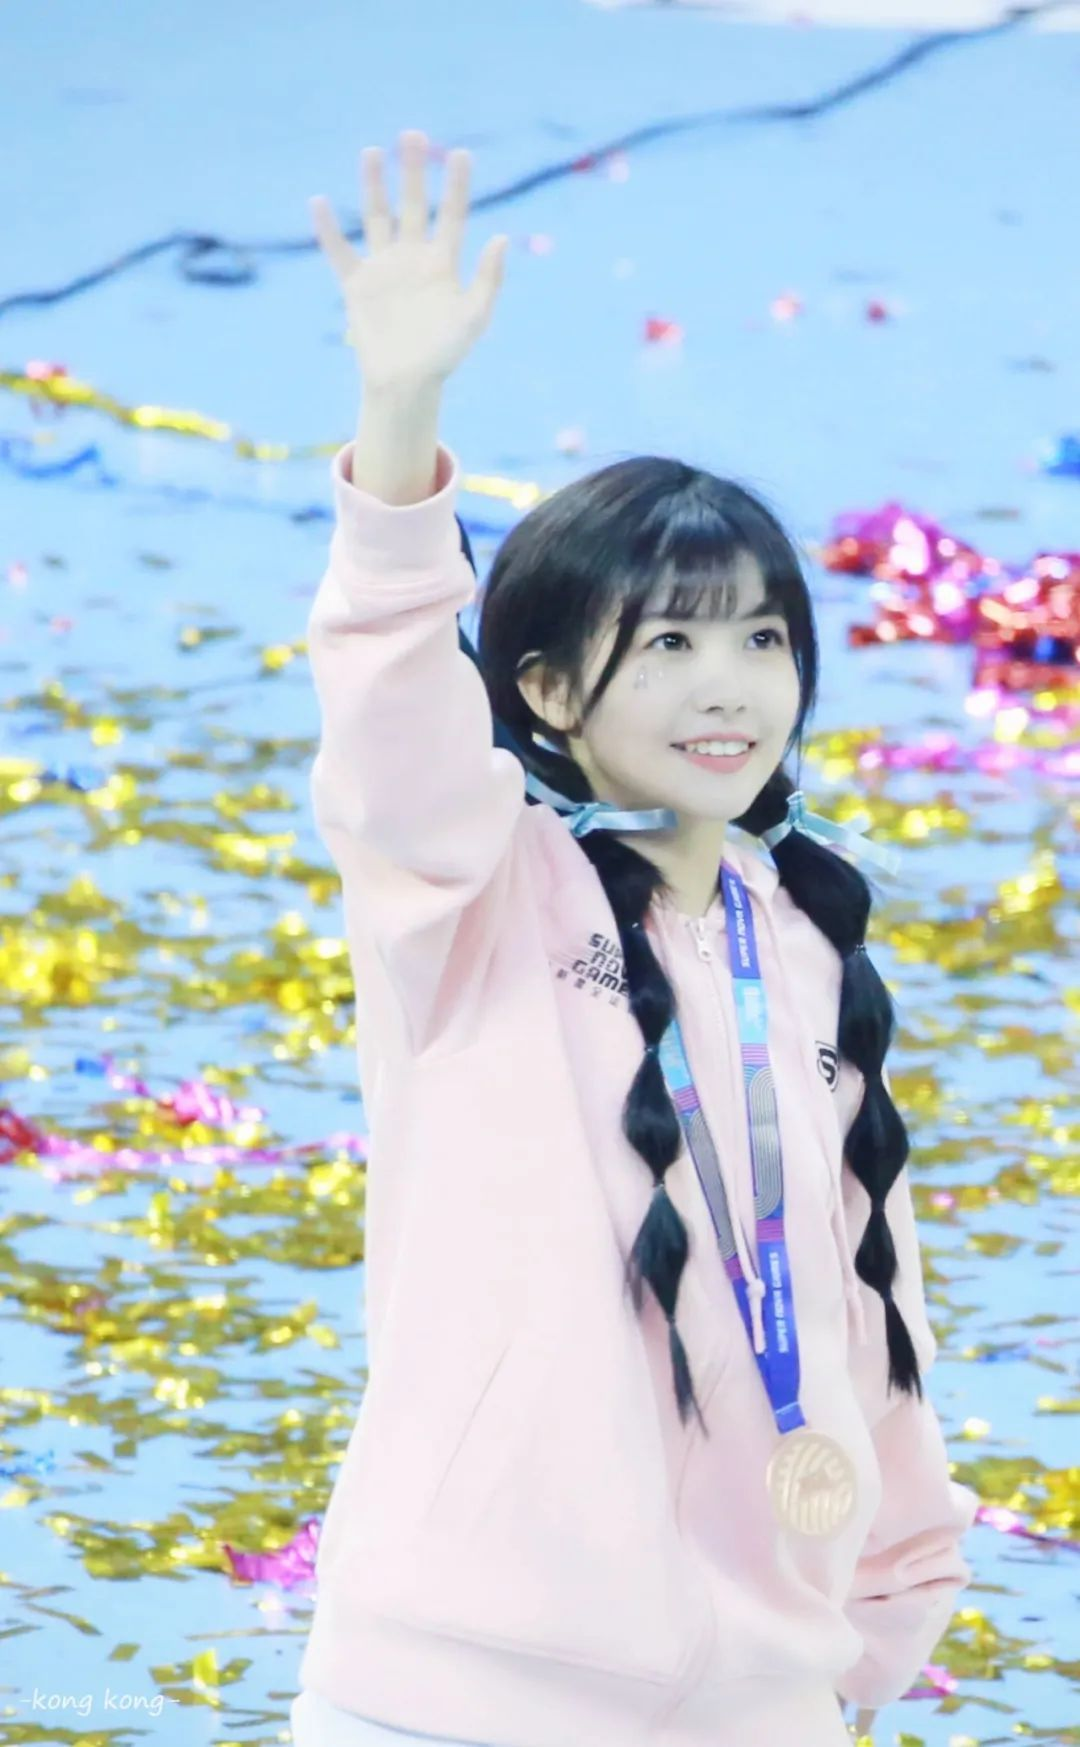 妹子写真 – 女王范的刘亦菲和傻白甜的赖美云,你更喜欢哪一位?_图片 No.17